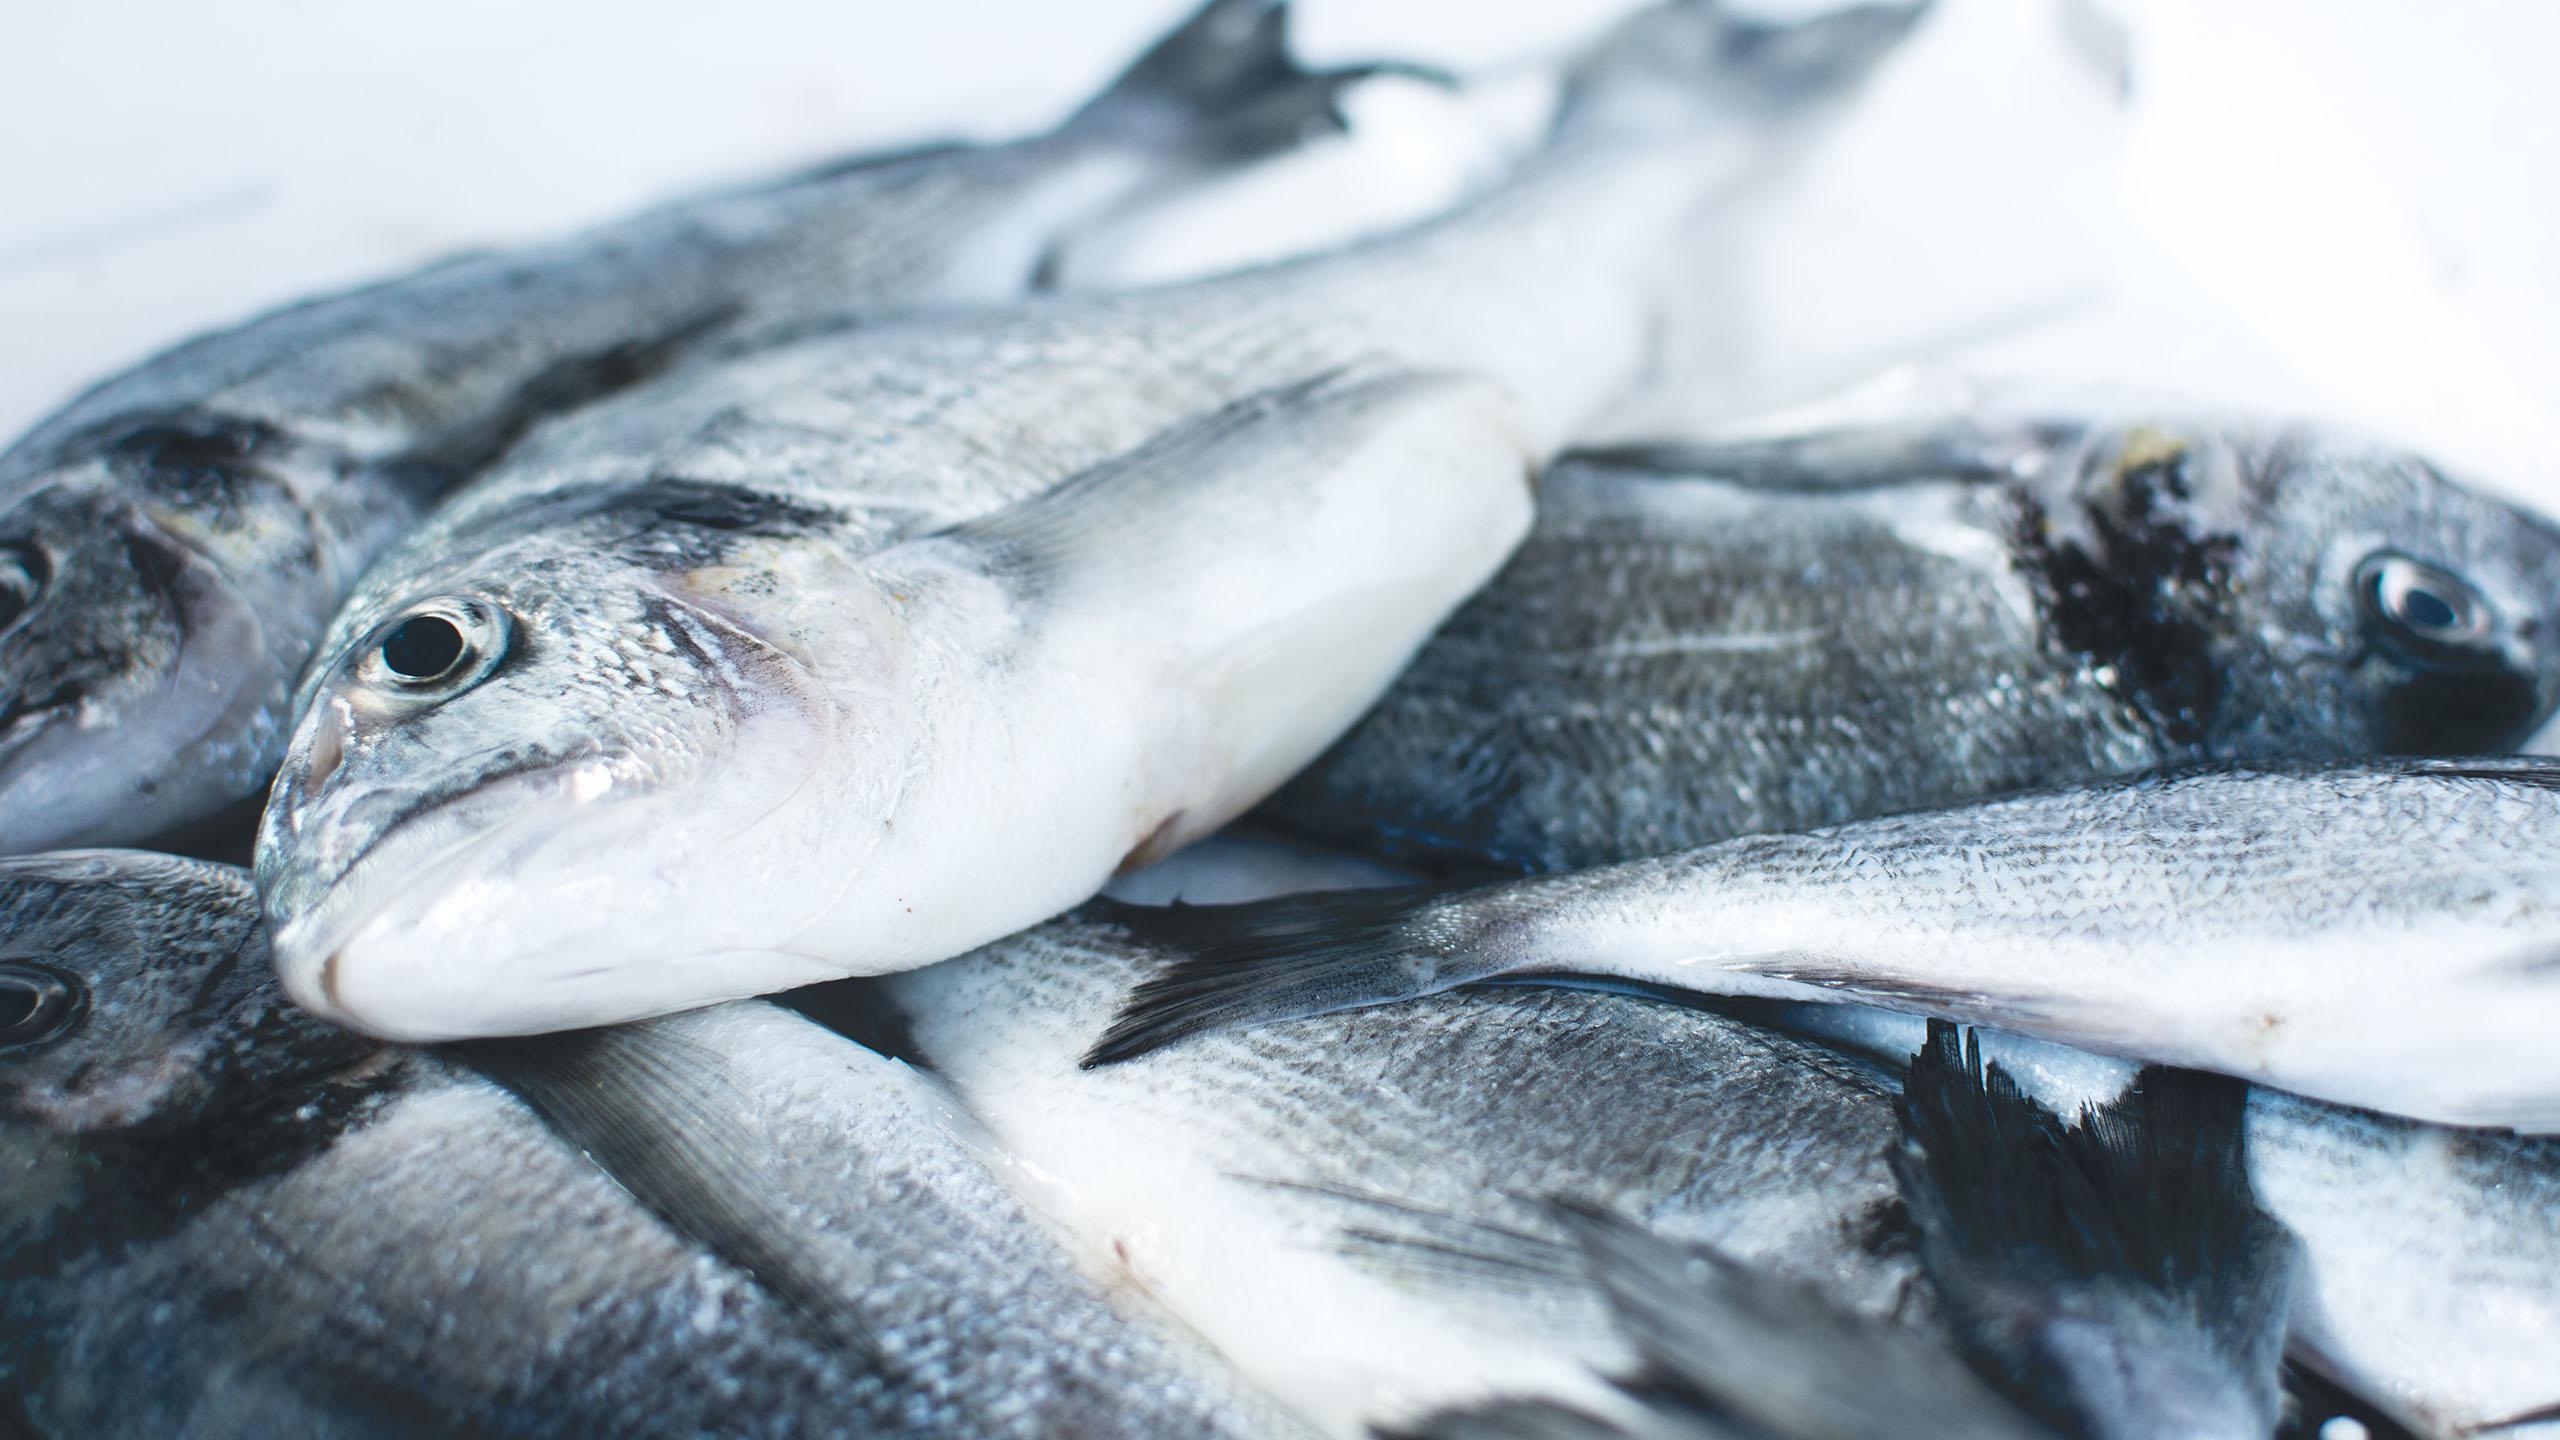 una tienda de mariscos colocó ojos falsos en sus pescados para que se vieran más frescos